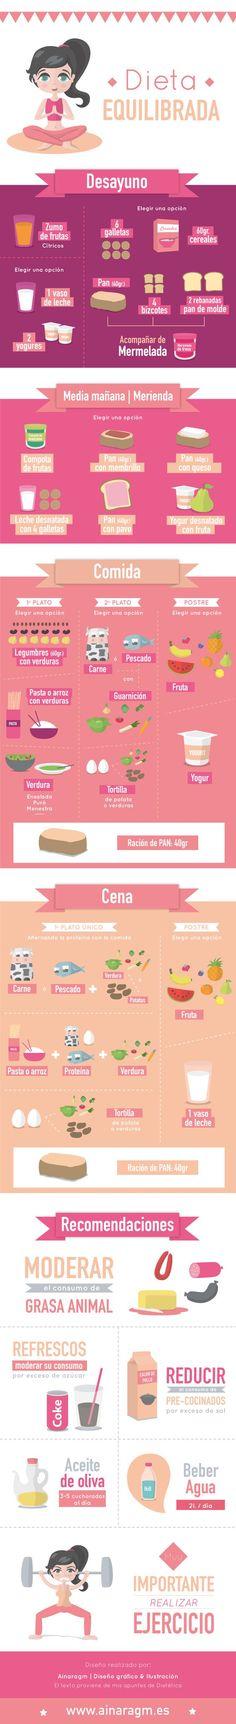 Infografía de una dieta equilibrada: